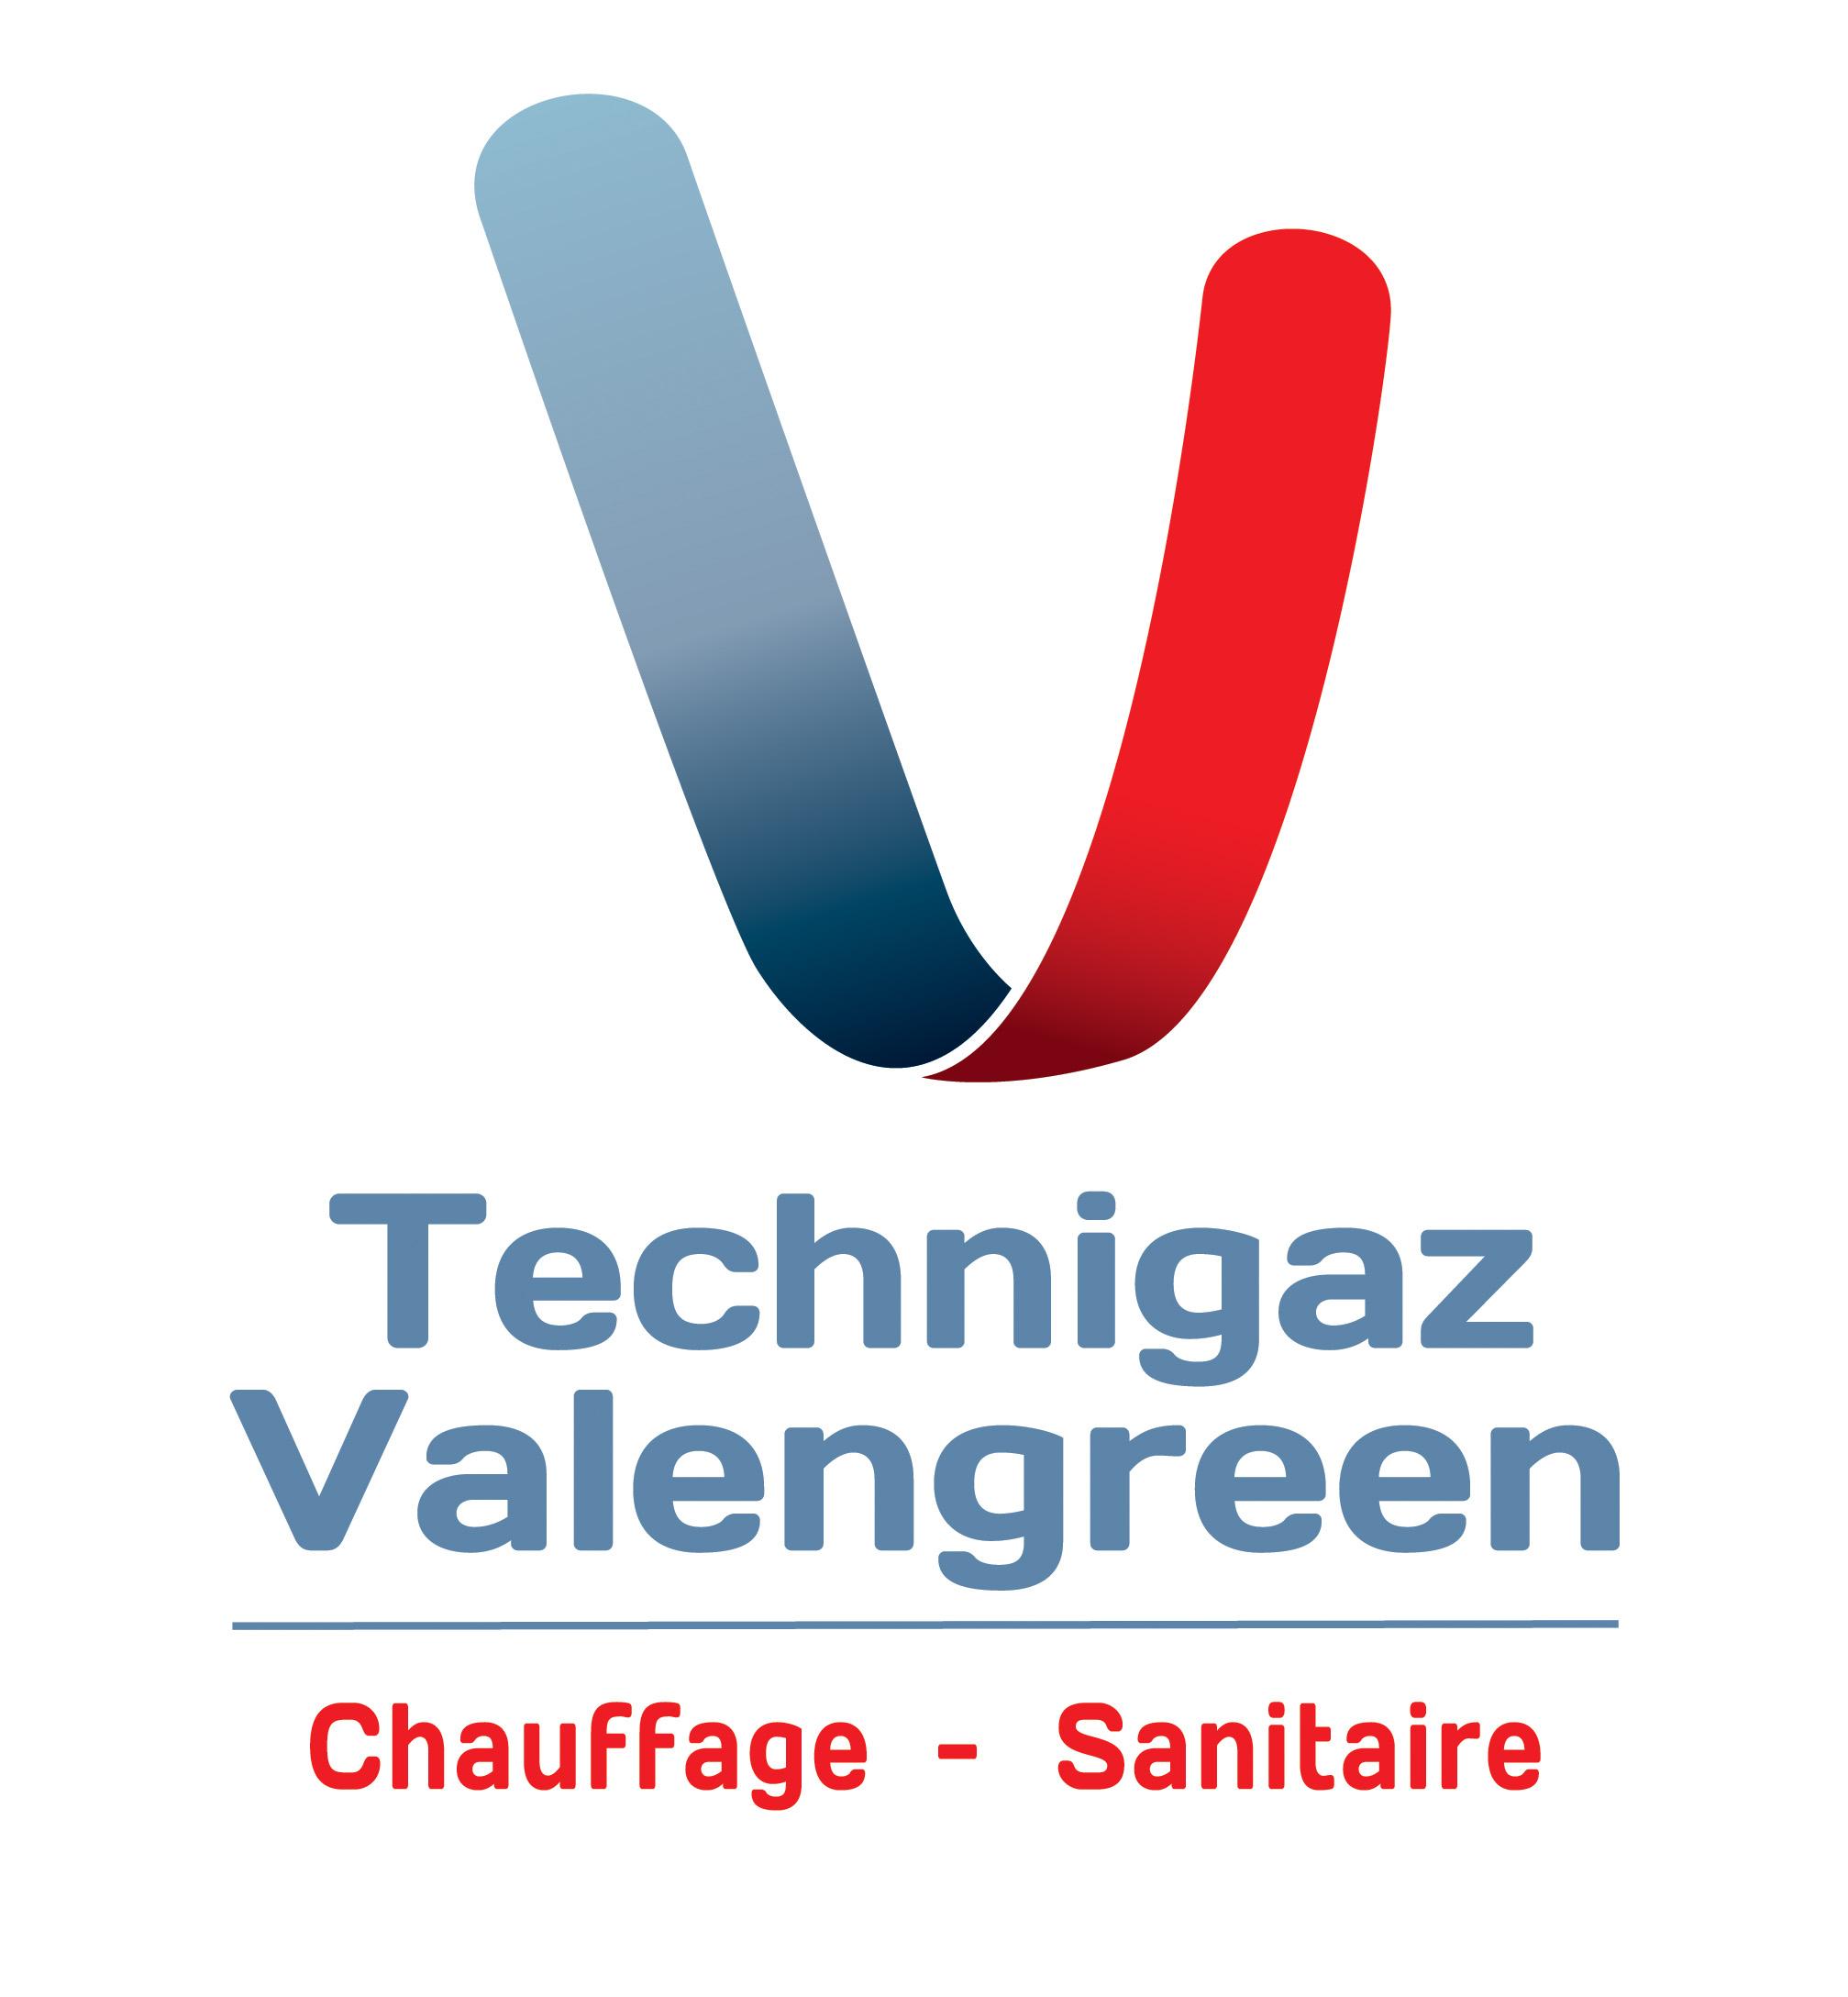 Technigaz Valengreen R 233 Pertoire Des Savoir Faire Industriels